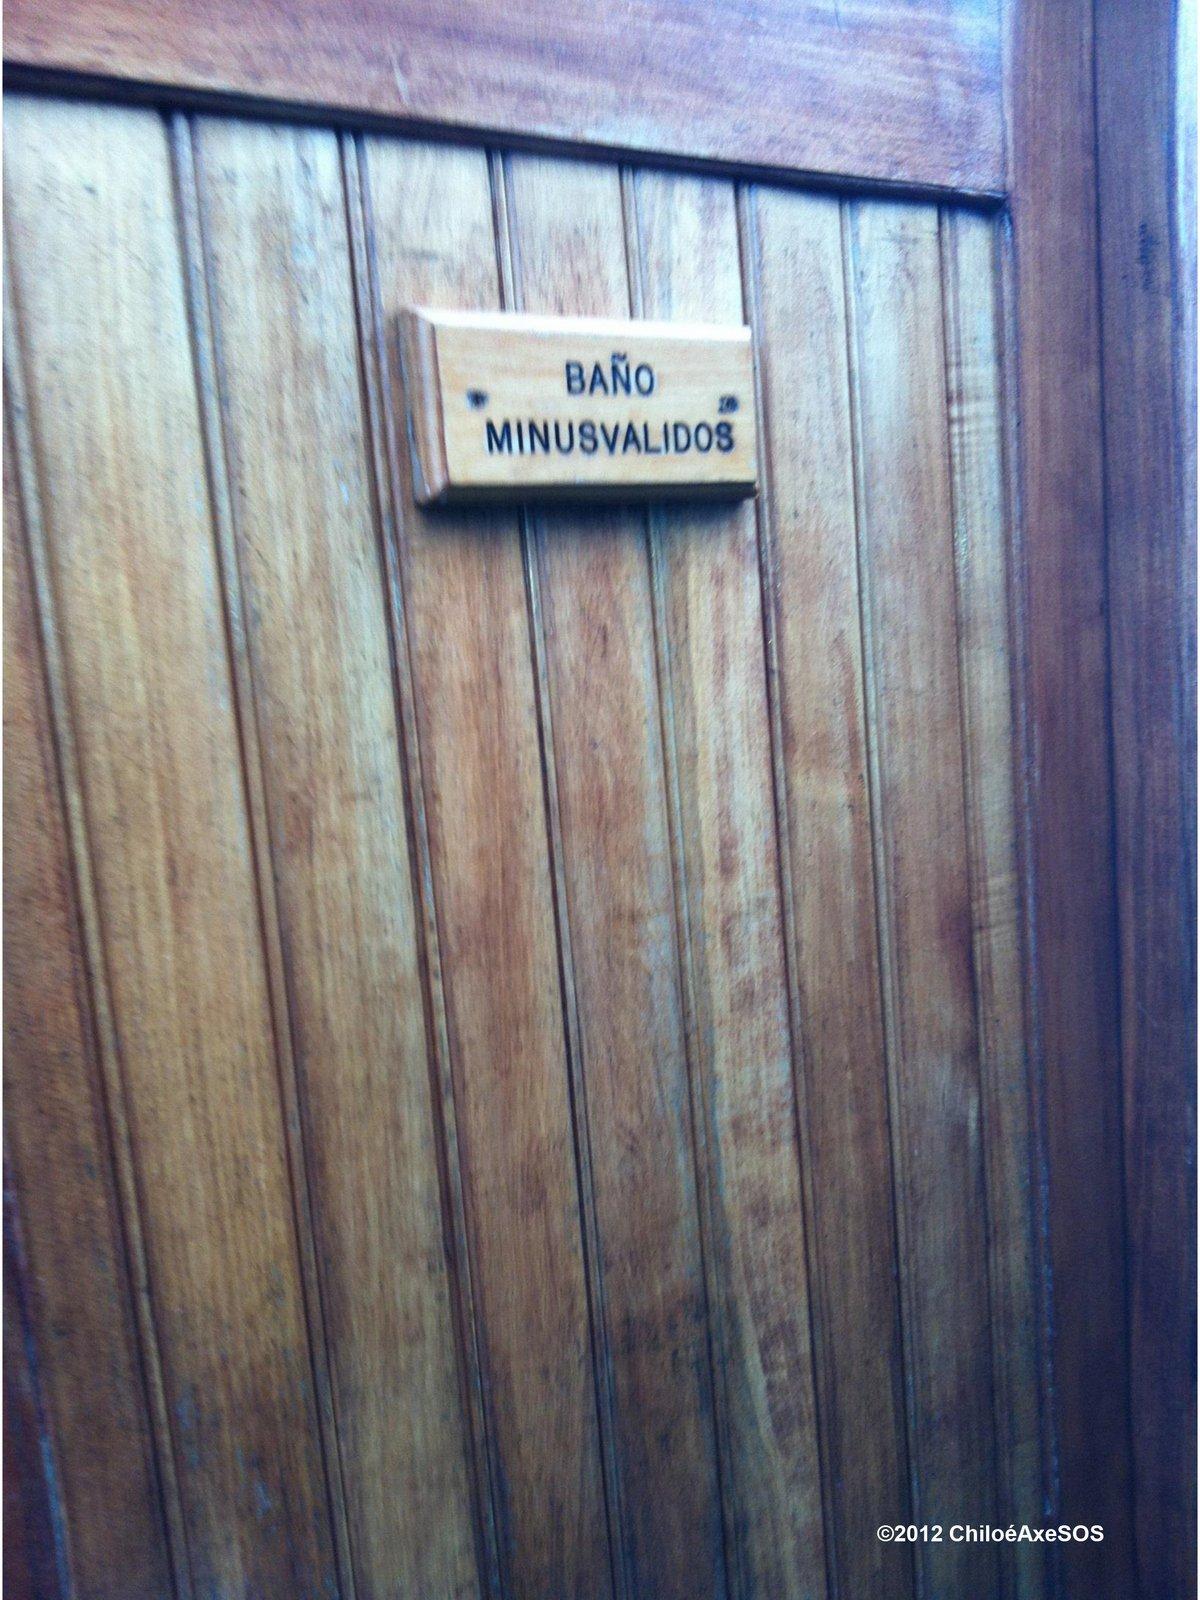 2012 Señalética baño minusválidos